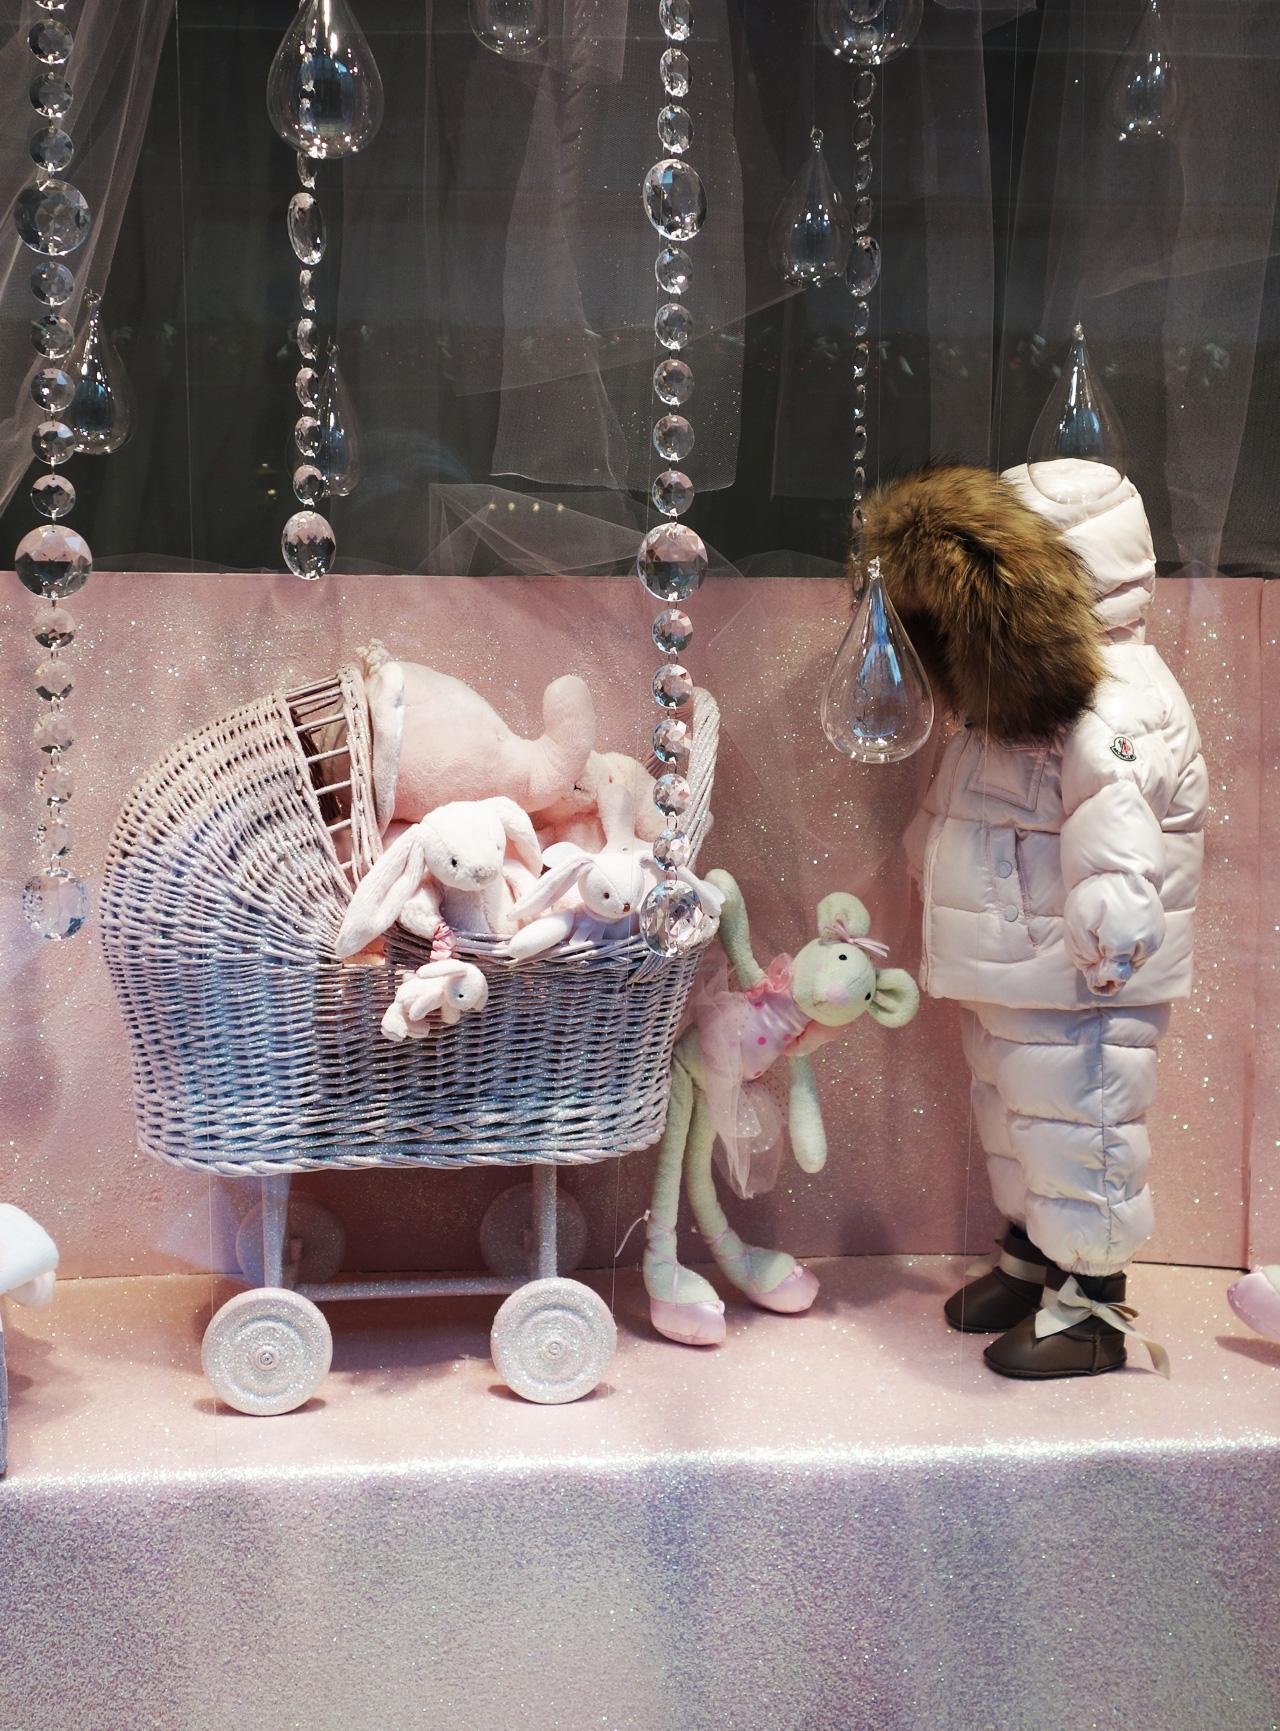 Baby-Tuileries-vitrines-noel-2013-rose-lapin-landau